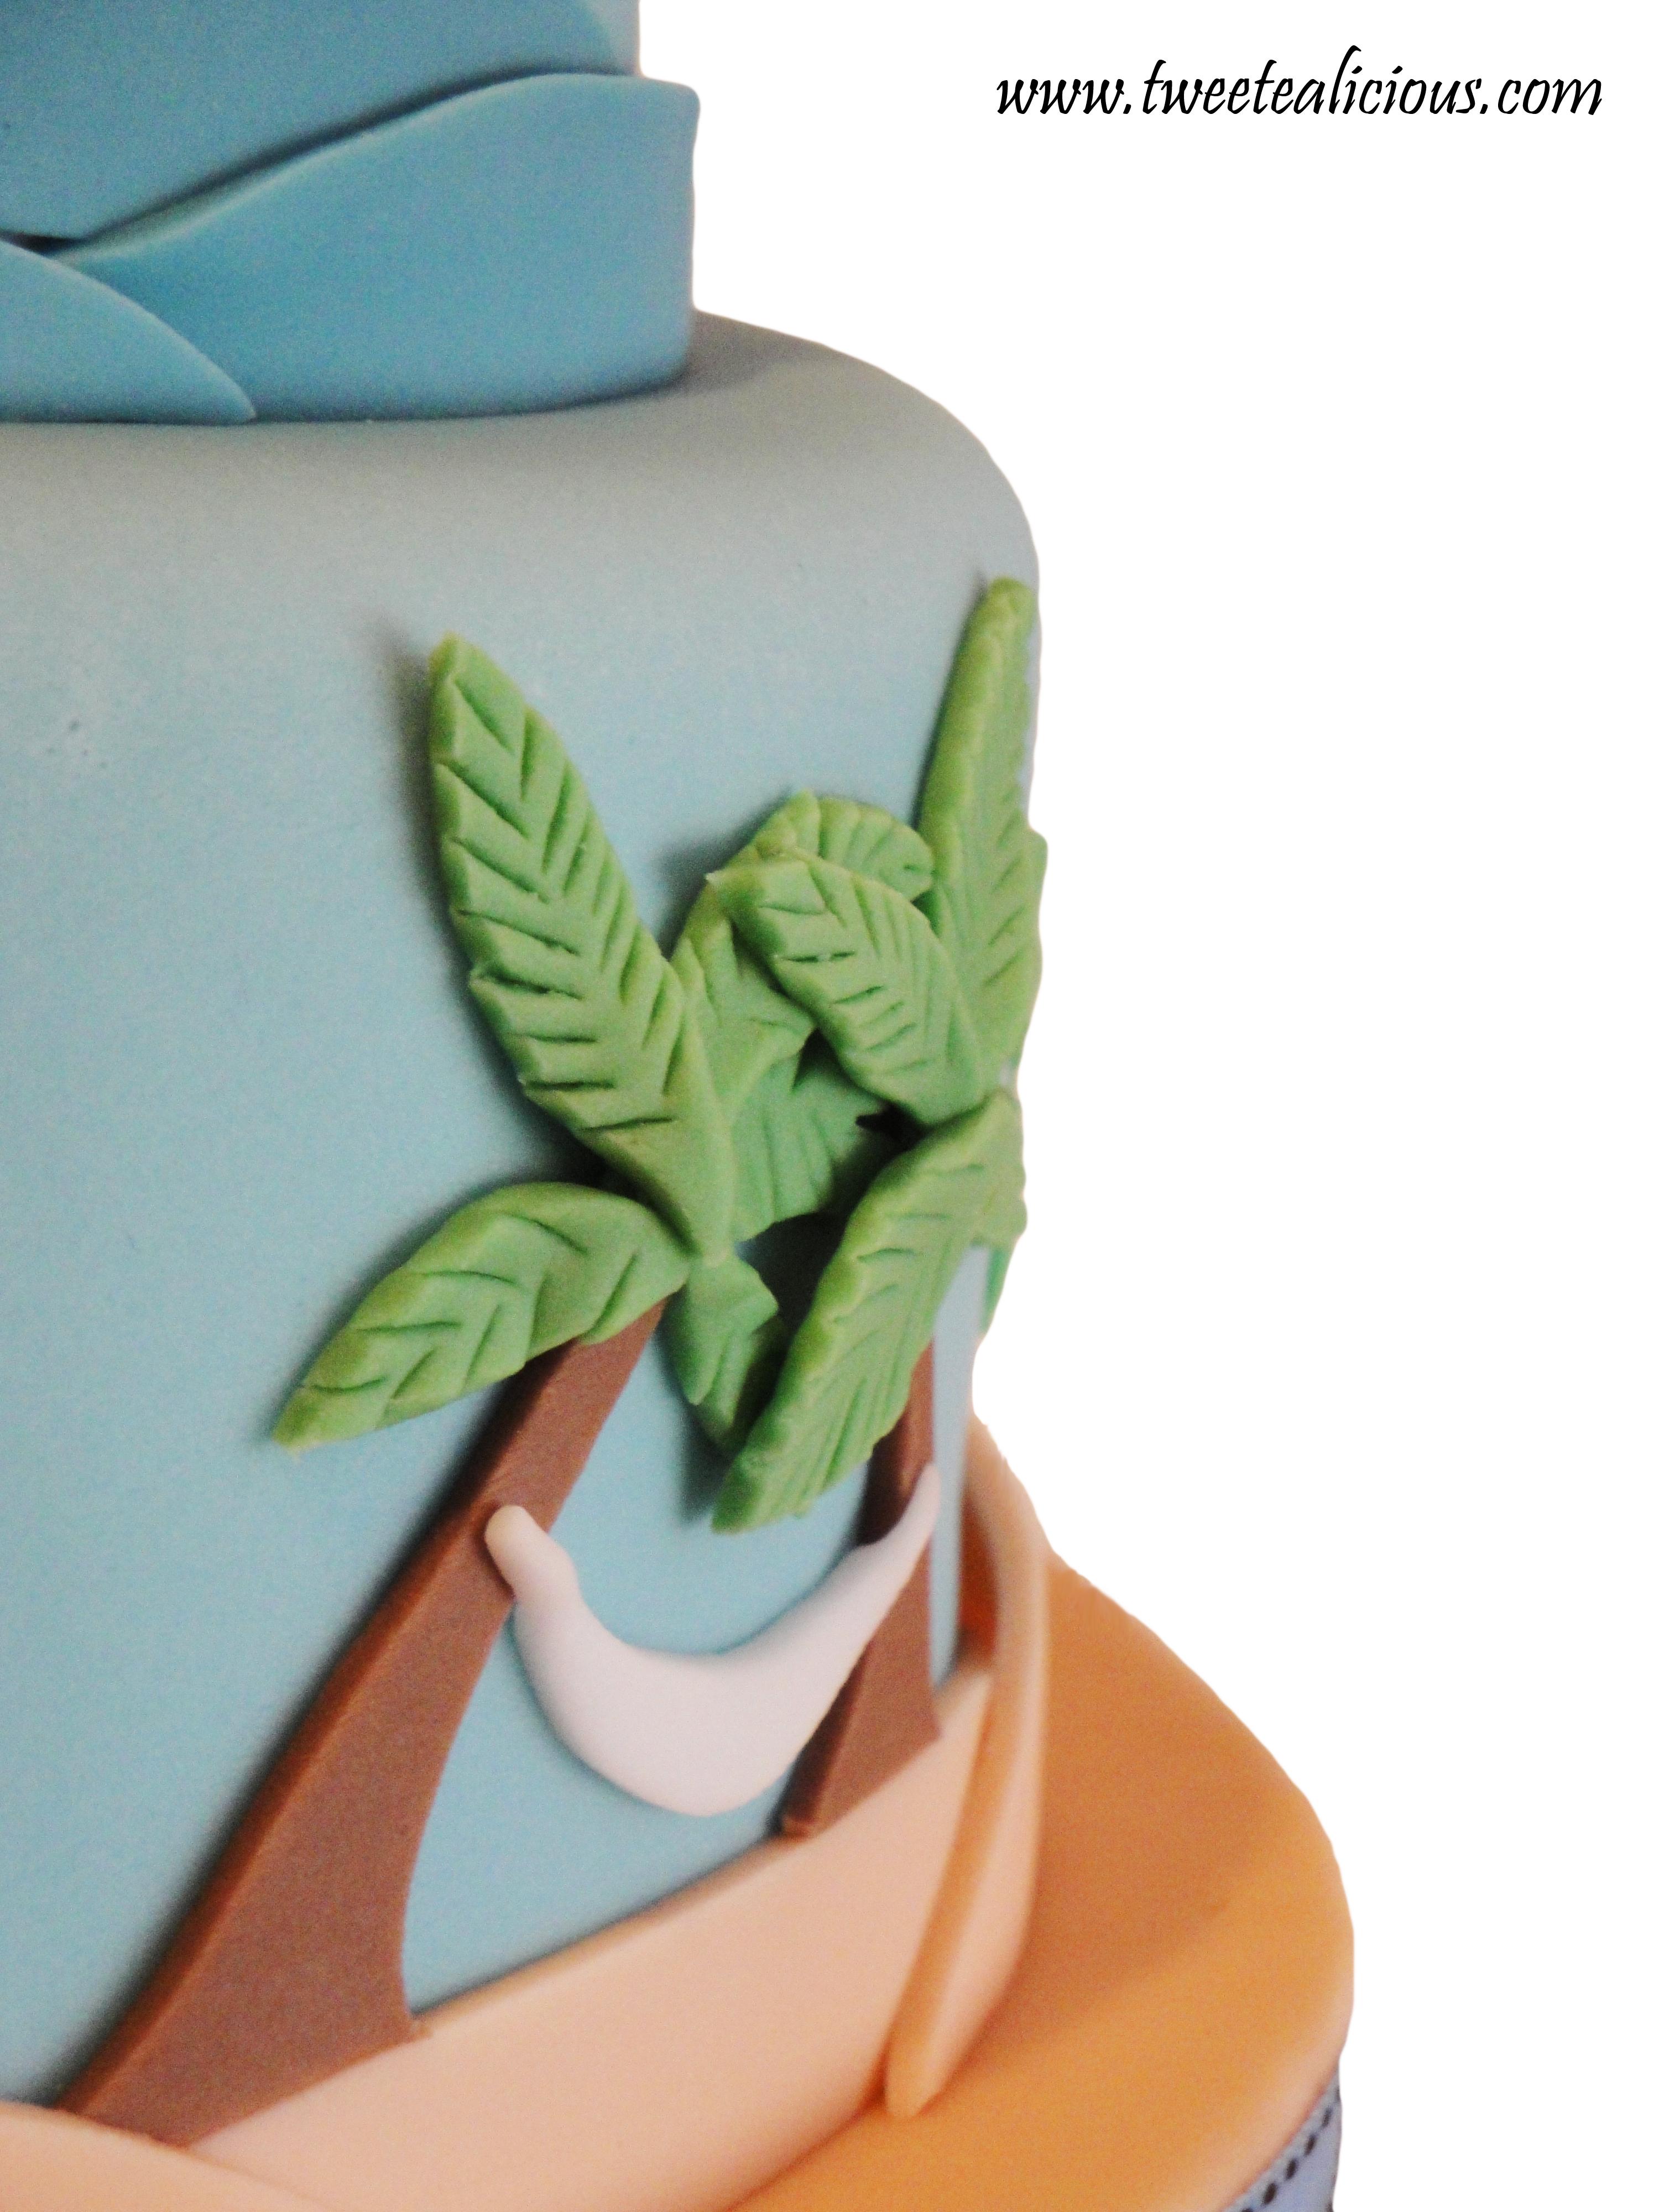 Peachy Beach Cake Palm Tree Twee Tea Licious Birthday Cards Printable Trancafe Filternl